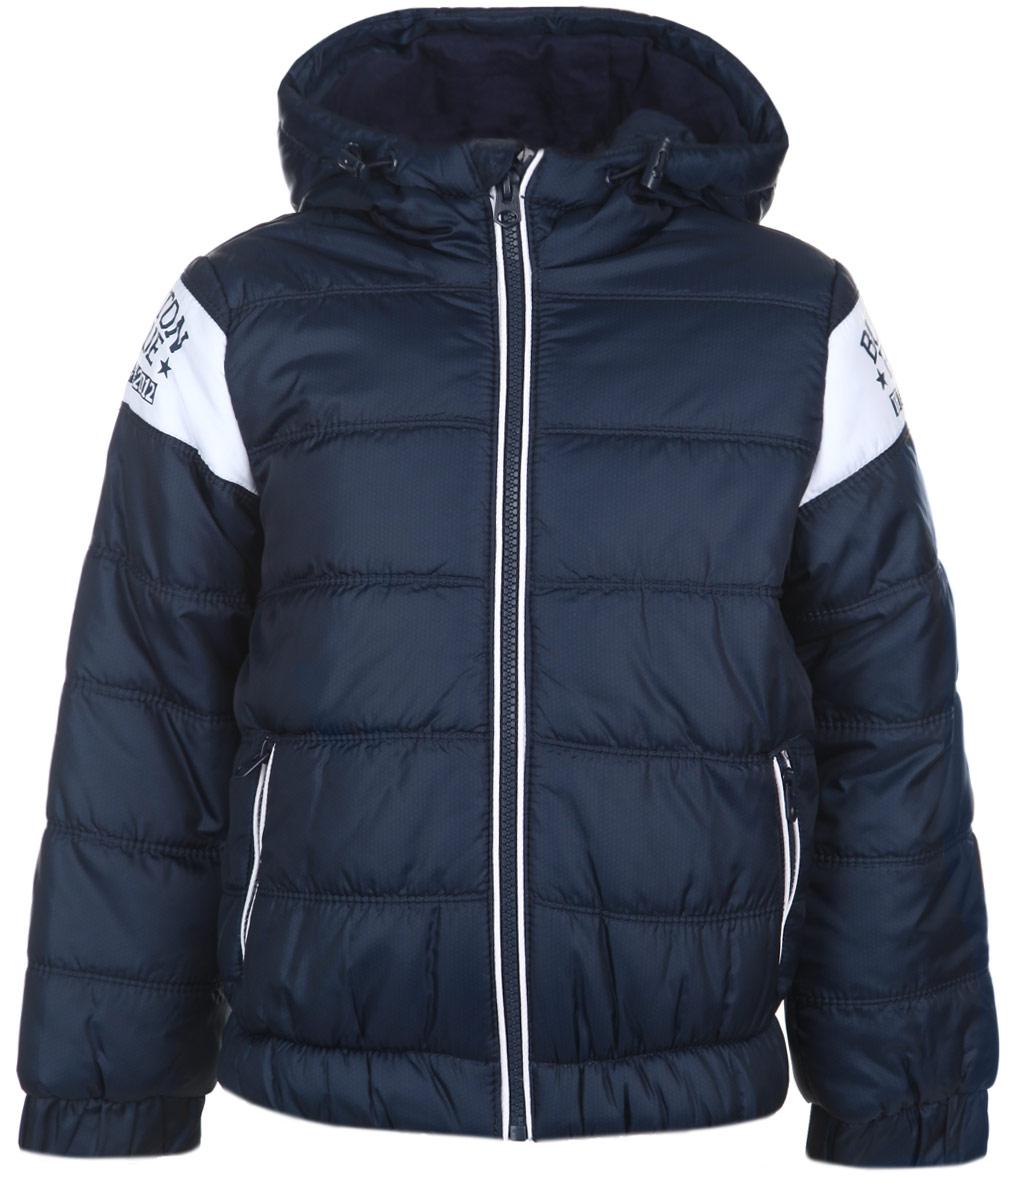 Куртка для мальчика. 116BBBB4101116BBBB4101Утепленная куртка для мальчика Button Blue идеально подойдет вашему ребенку в прохладное время года. Куртка изготовлена из водоотталкивающей и ветрозащитной ткани с утеплителем из 100% полиэстера. В качестве подкладки используется натуральный хлопок. Куртка с капюшоном застегивается на пластиковую застежку-молнию с защитой подбородка и дополнительно имеет внутренний ветрозащитный клапан. Капюшон дополнен по краю скрытой резинкой со стопперами. Рукава дополнены широкими эластичными манжетами. Понизу проходит широкая эластичная резинка, препятствующая проникновению холодного воздуха. Спереди имеются два прорезных кармана на молниях. Рукава оформлены контрастными вставками, оформленными небольшим принтом с названием бренда. Комфортная, удобная и теплая куртка идеально подойдет для прогулок и игр на свежем воздухе!